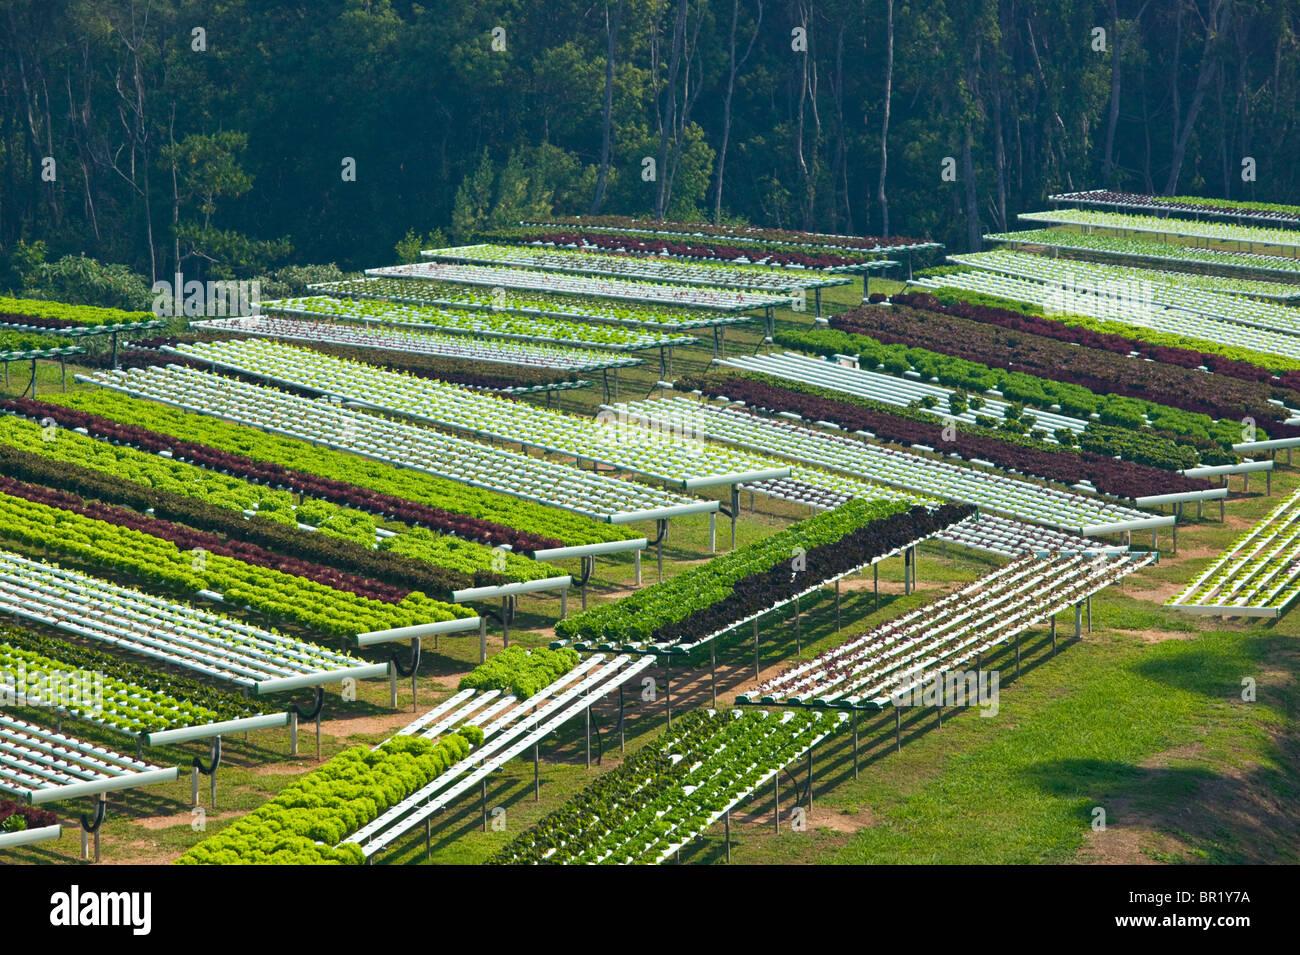 Australia, Queensland, Sunshine Coast, Pomona. Campi terrazzati di macrobiotica Farm. Immagini Stock